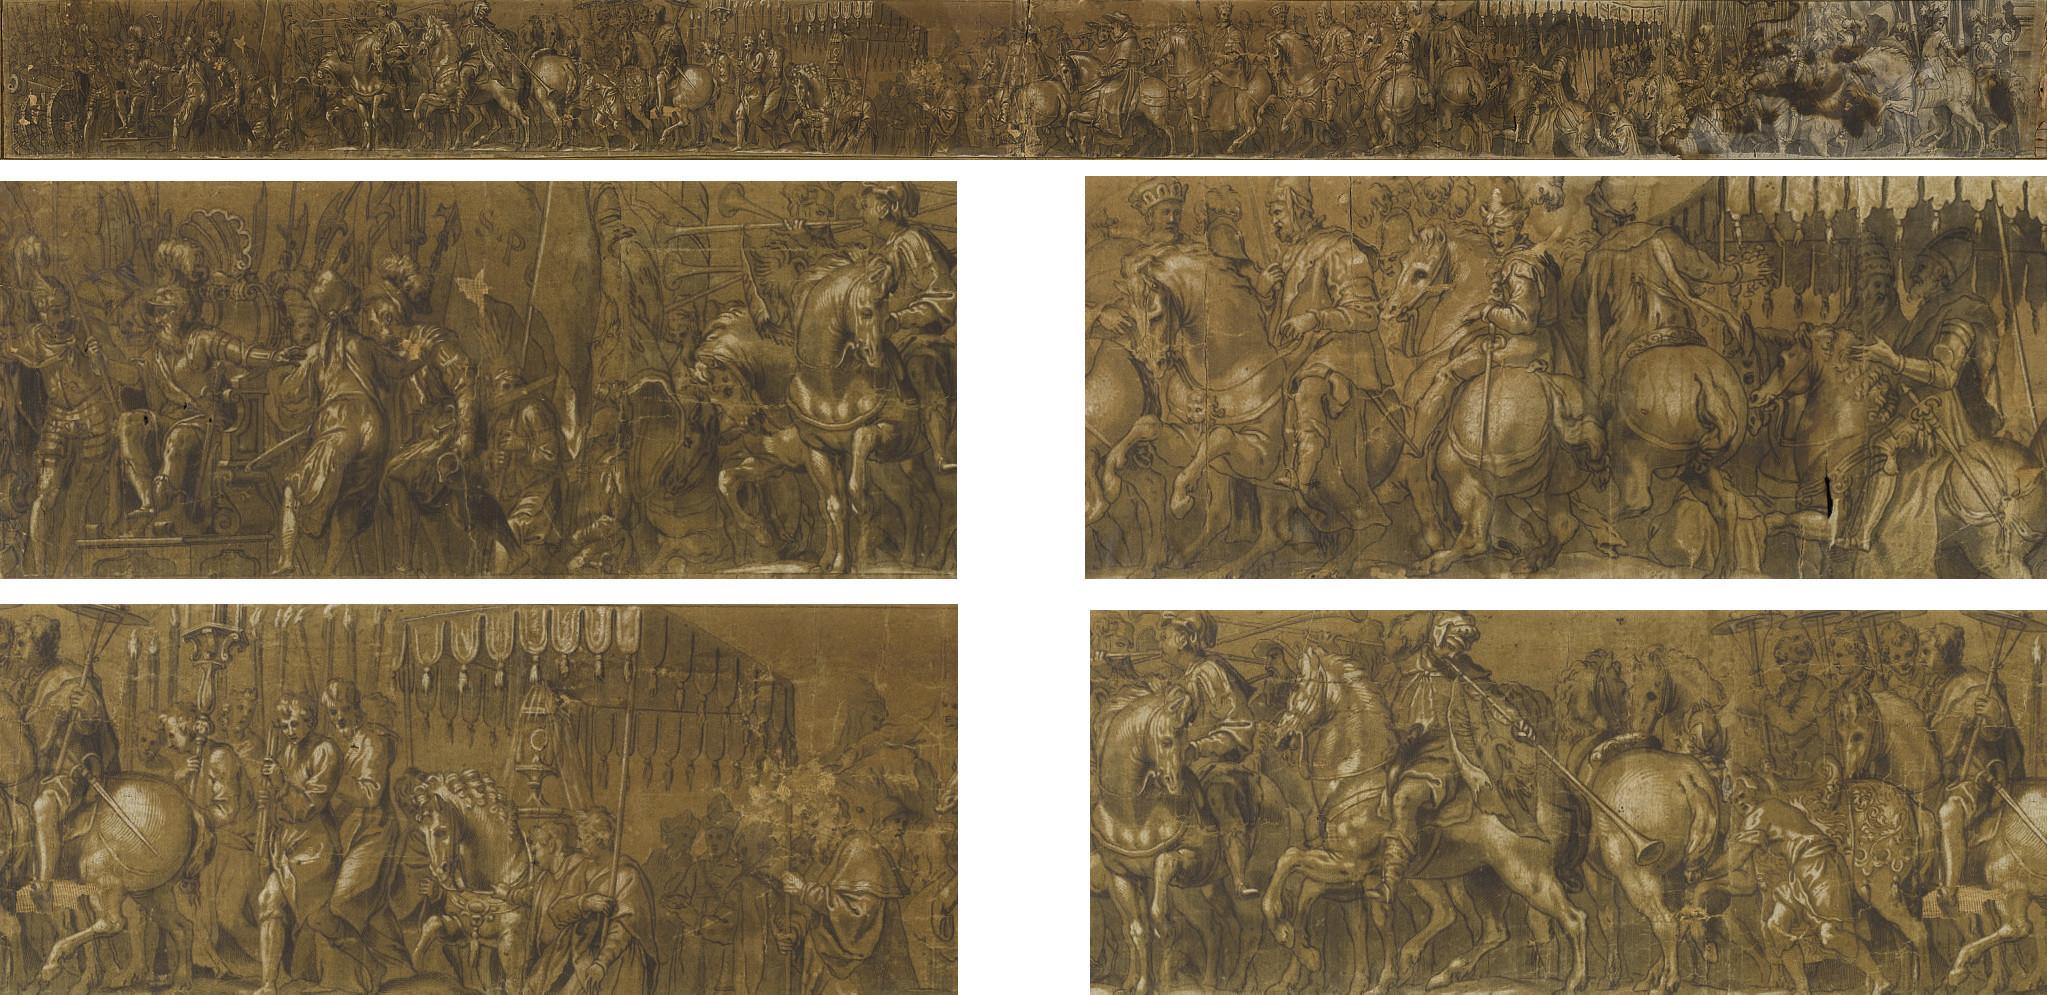 Cortège triomphal à l'occasion du couronnement de l'empereur Charles V par le pape Clément VII